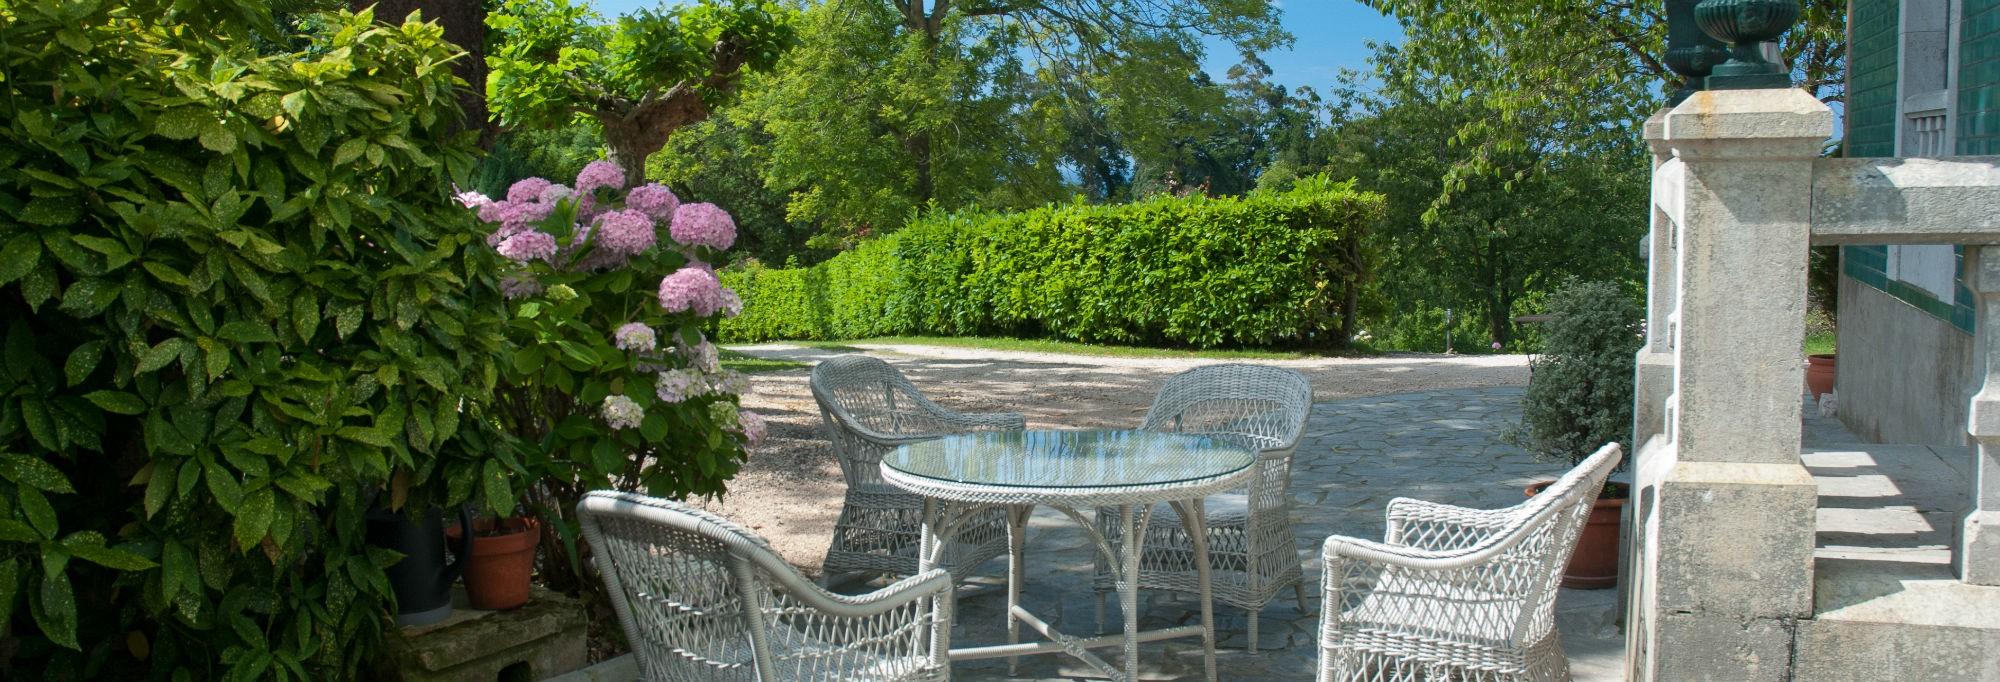 terraza-exterior-jardin